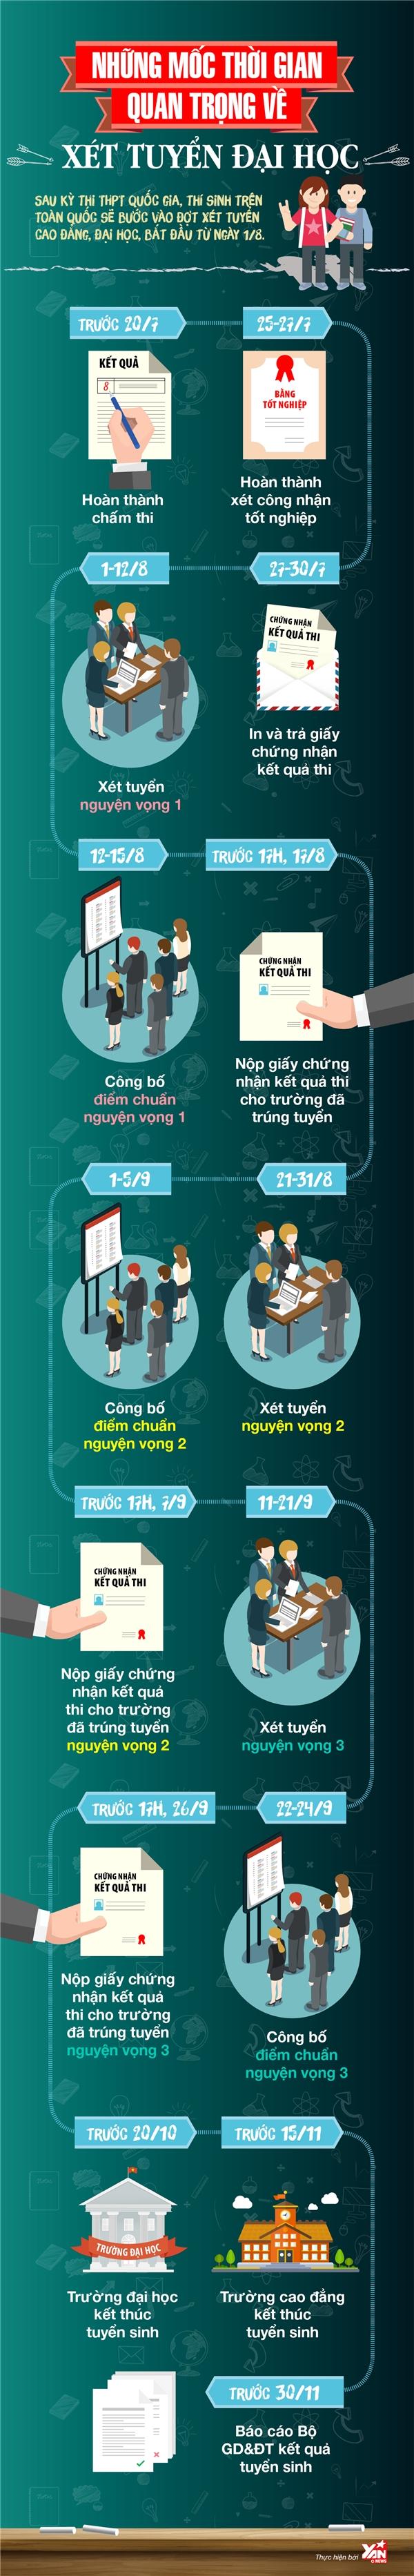 Infographic: Những mốc thời gian xét tuyển ĐH 2016 nhất định phải biết